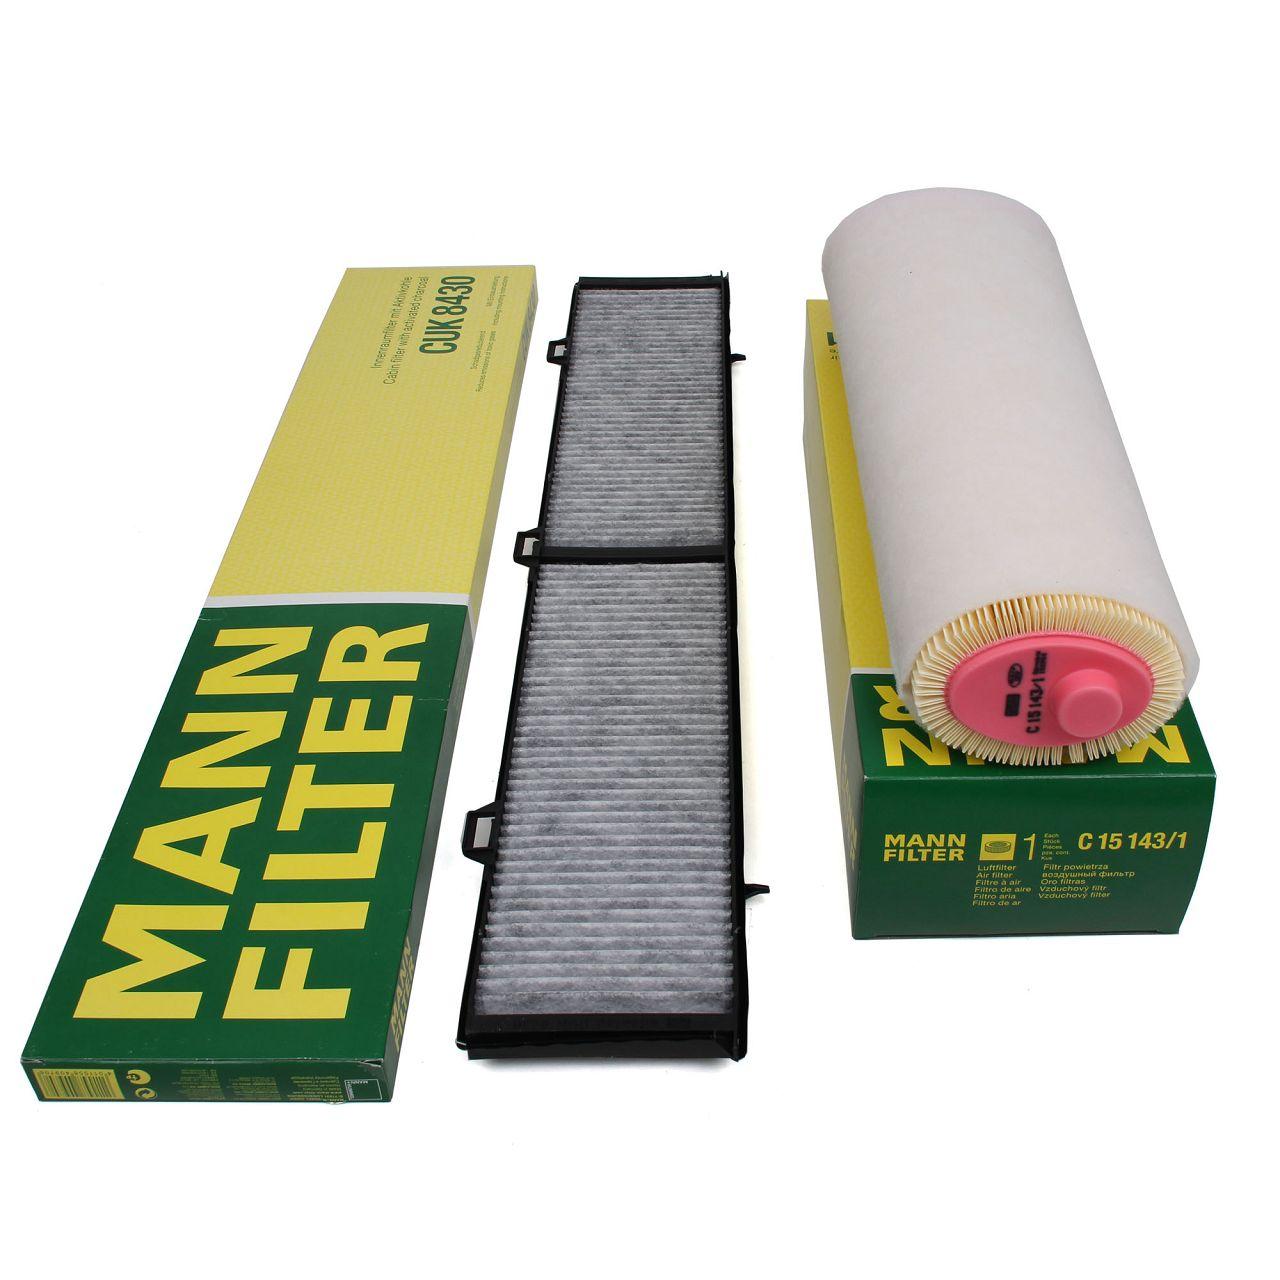 MANN Inspektionskit Filterpaket für BMW 3er E90 E91 E92 E93 325d 330d 197/231 PS